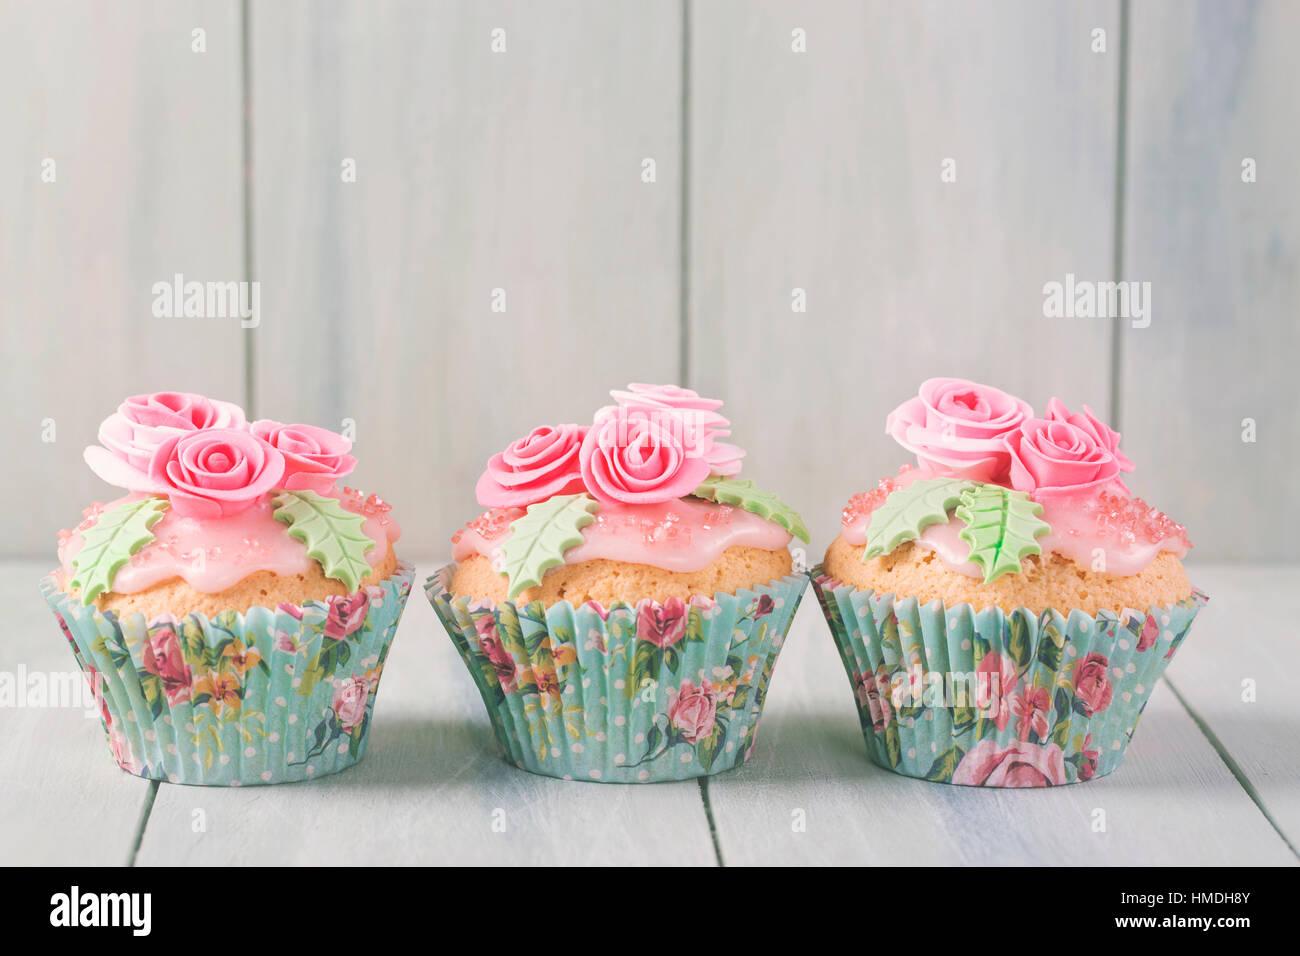 Pastellfarbenen Cupcakes mit Rosen Stockbild